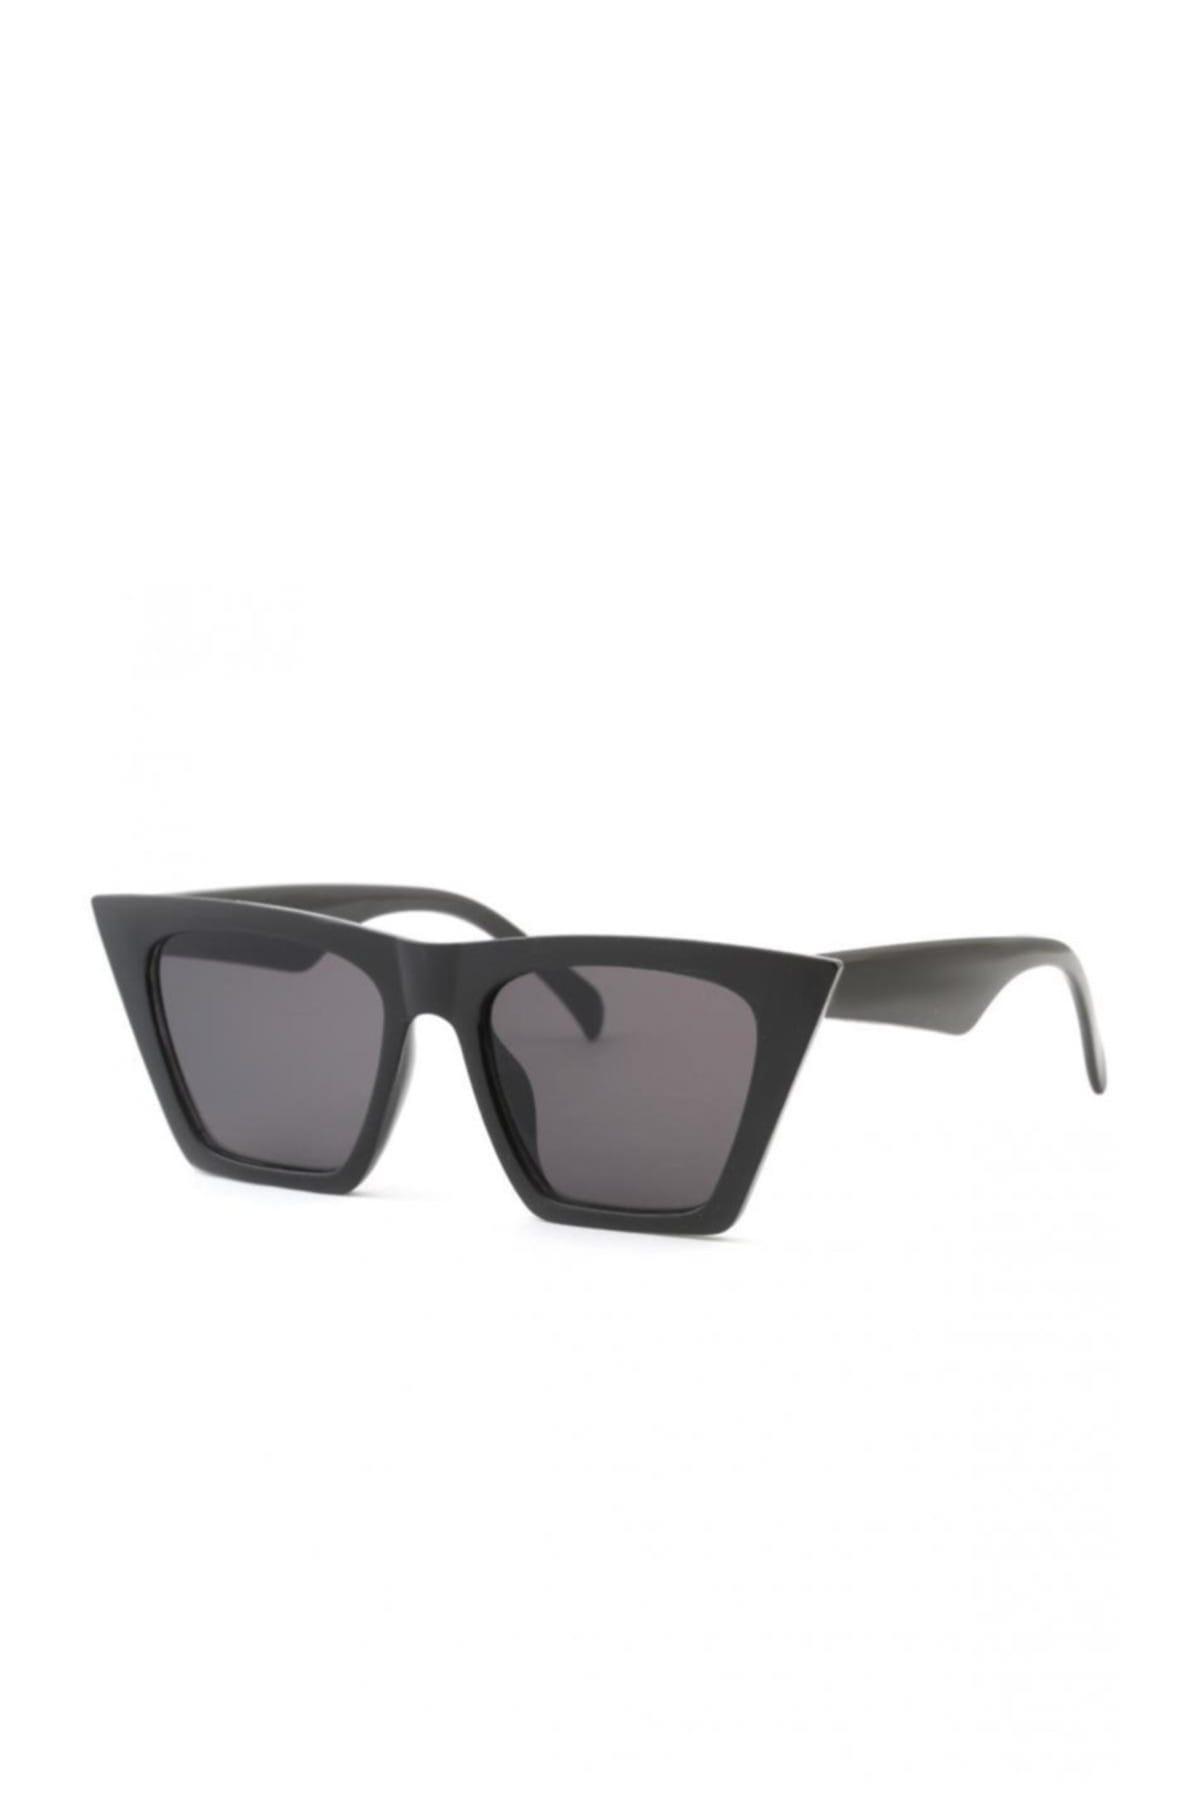 سفارش اینترنتی عینک آفتابی فانتزی برند Polo U.K. رنگ مشکی کد ty6540001